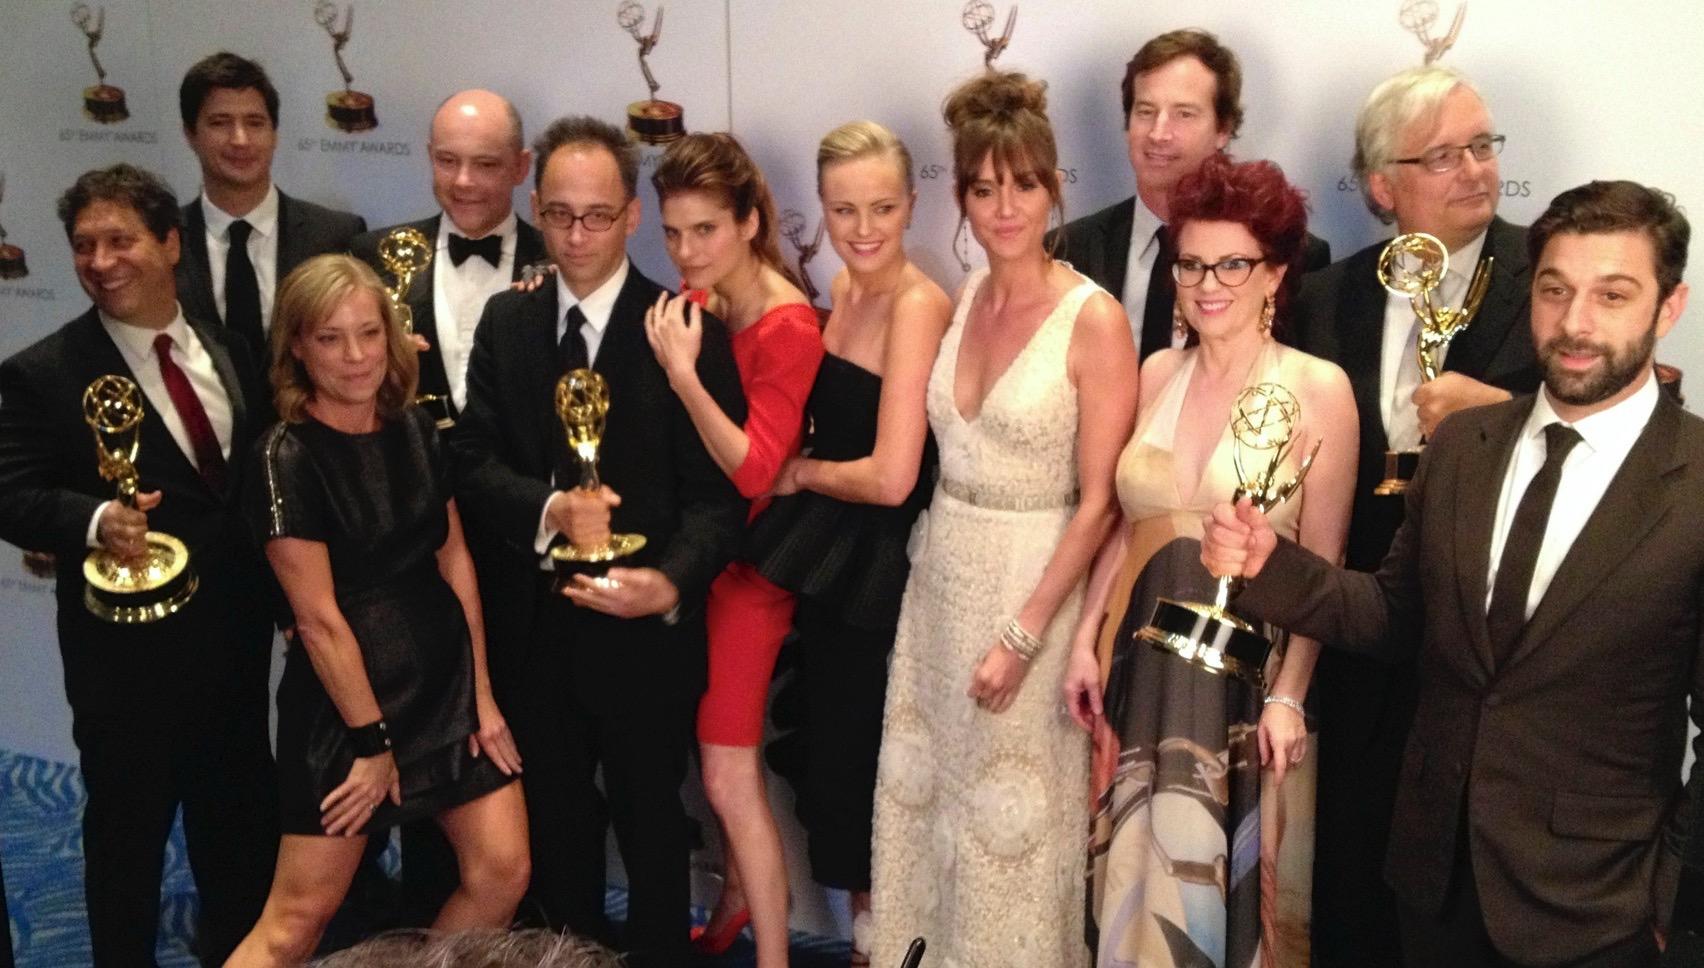 Emmy winners again!